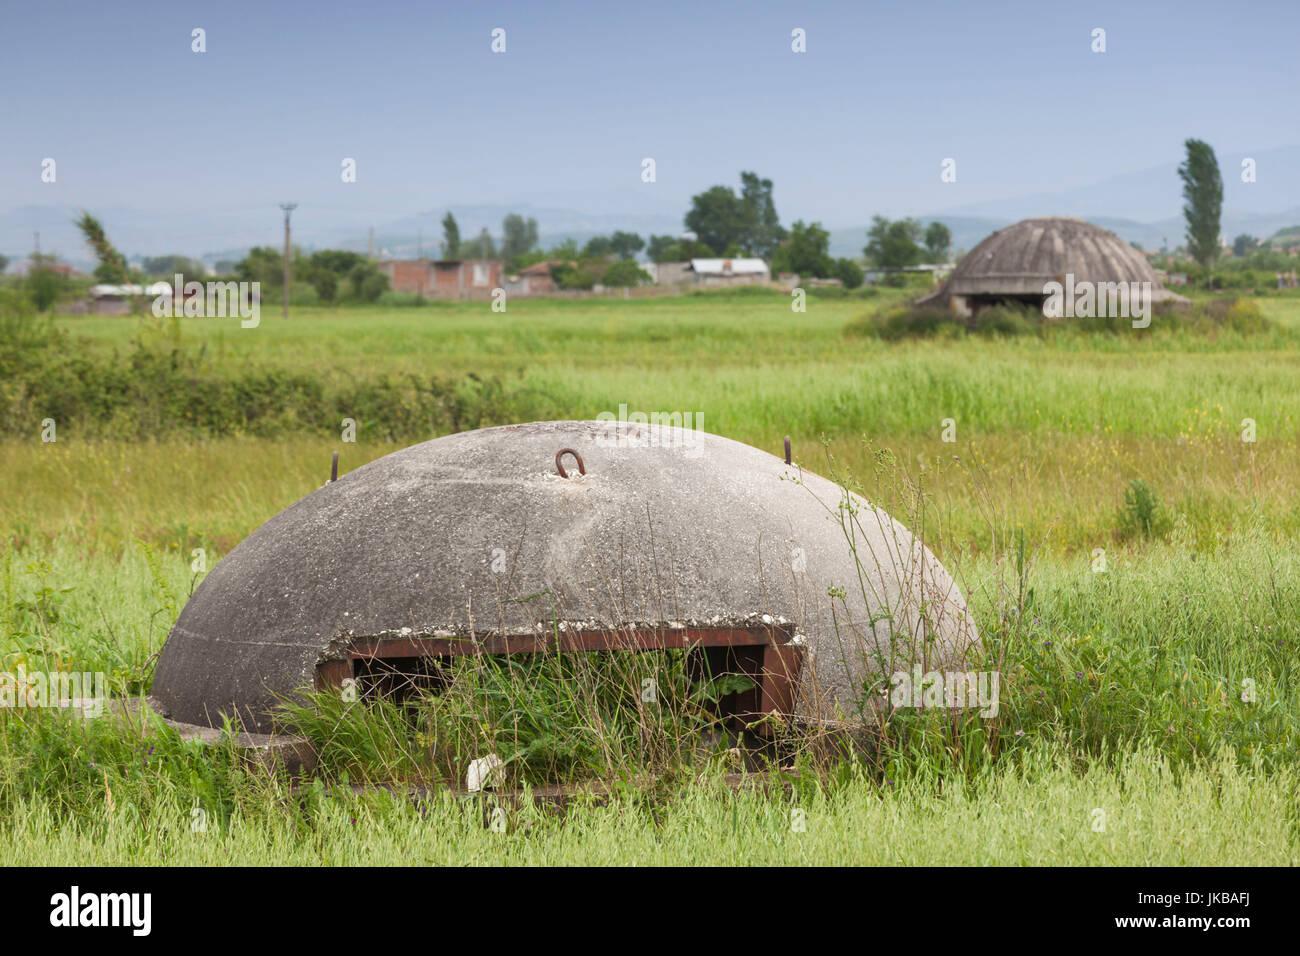 L'Albanie, Fier, bunkers de l'ère communiste dans le champ Photo Stock